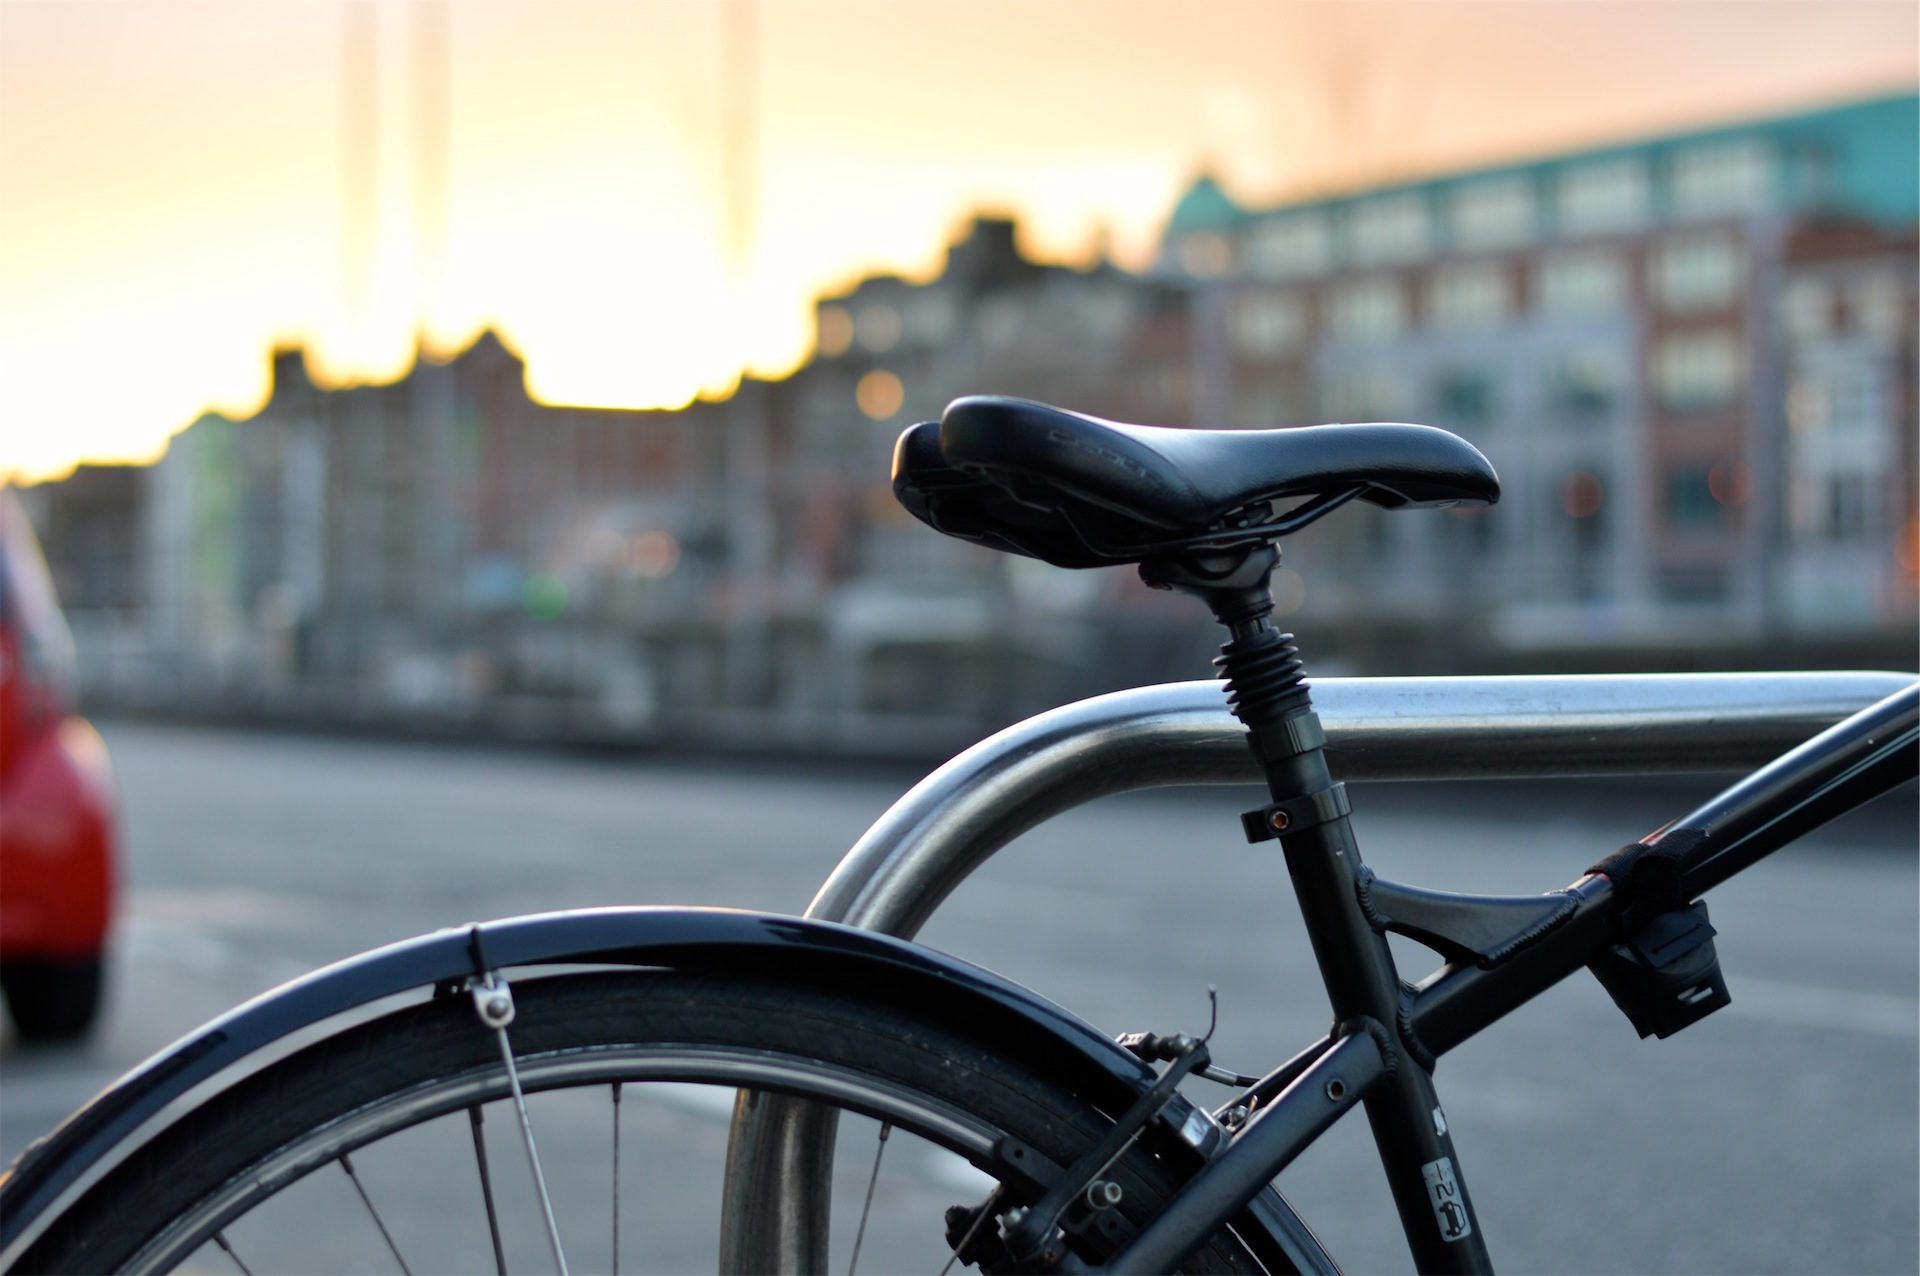 велосипед, сиденья, Седло, колесо, Город - Обои HD - Профессор falken.com